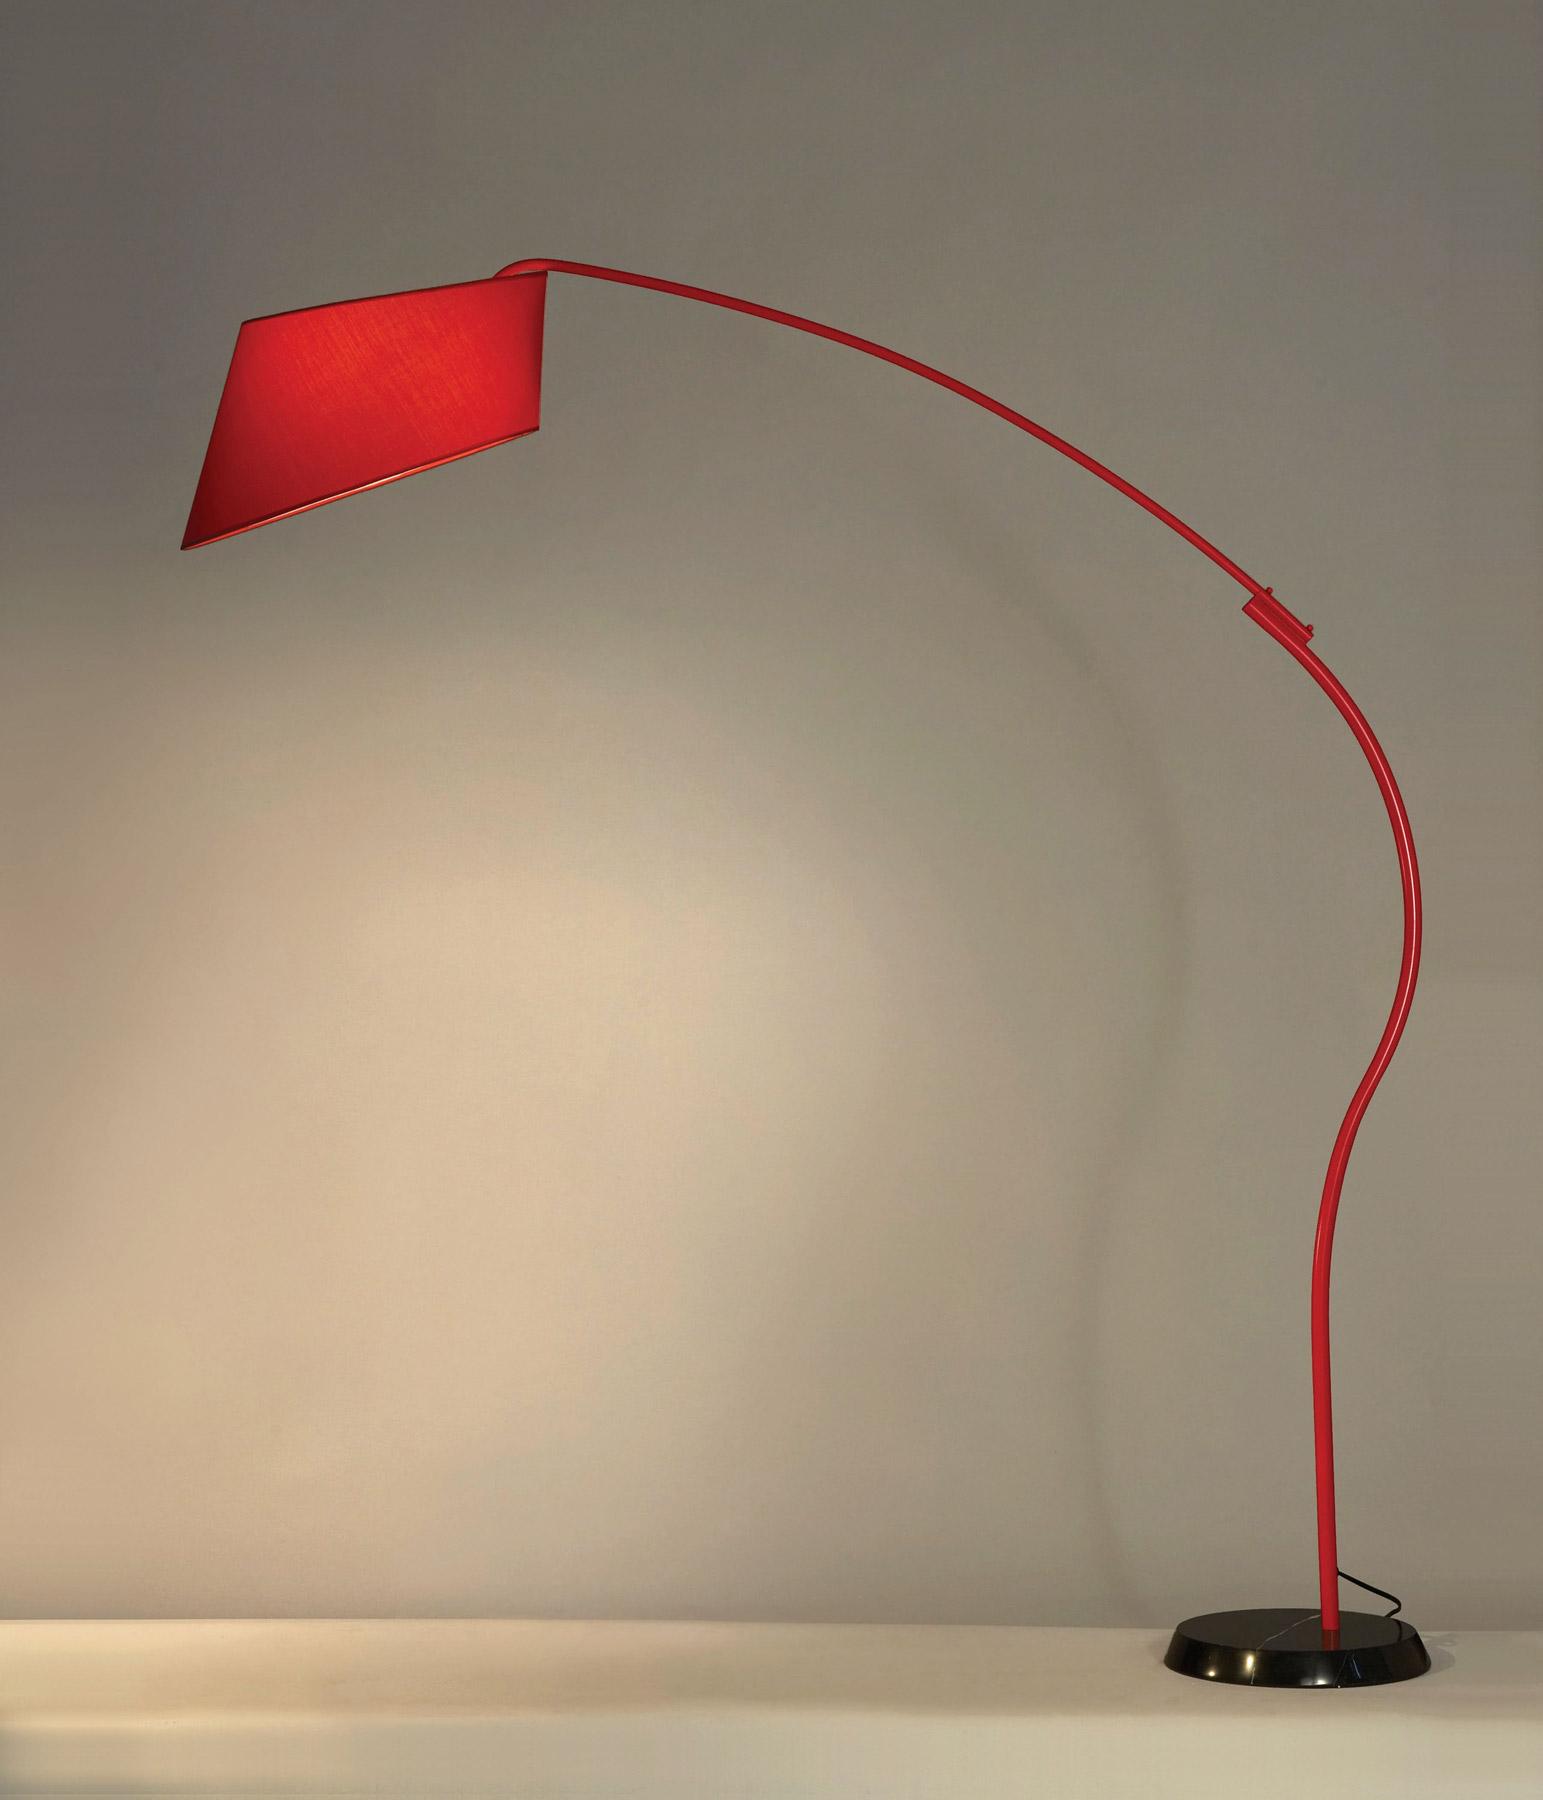 red floor lamp  ira design - nova lighting  ibis red arc floor lamp  lighting  ibis red arc floorlamp